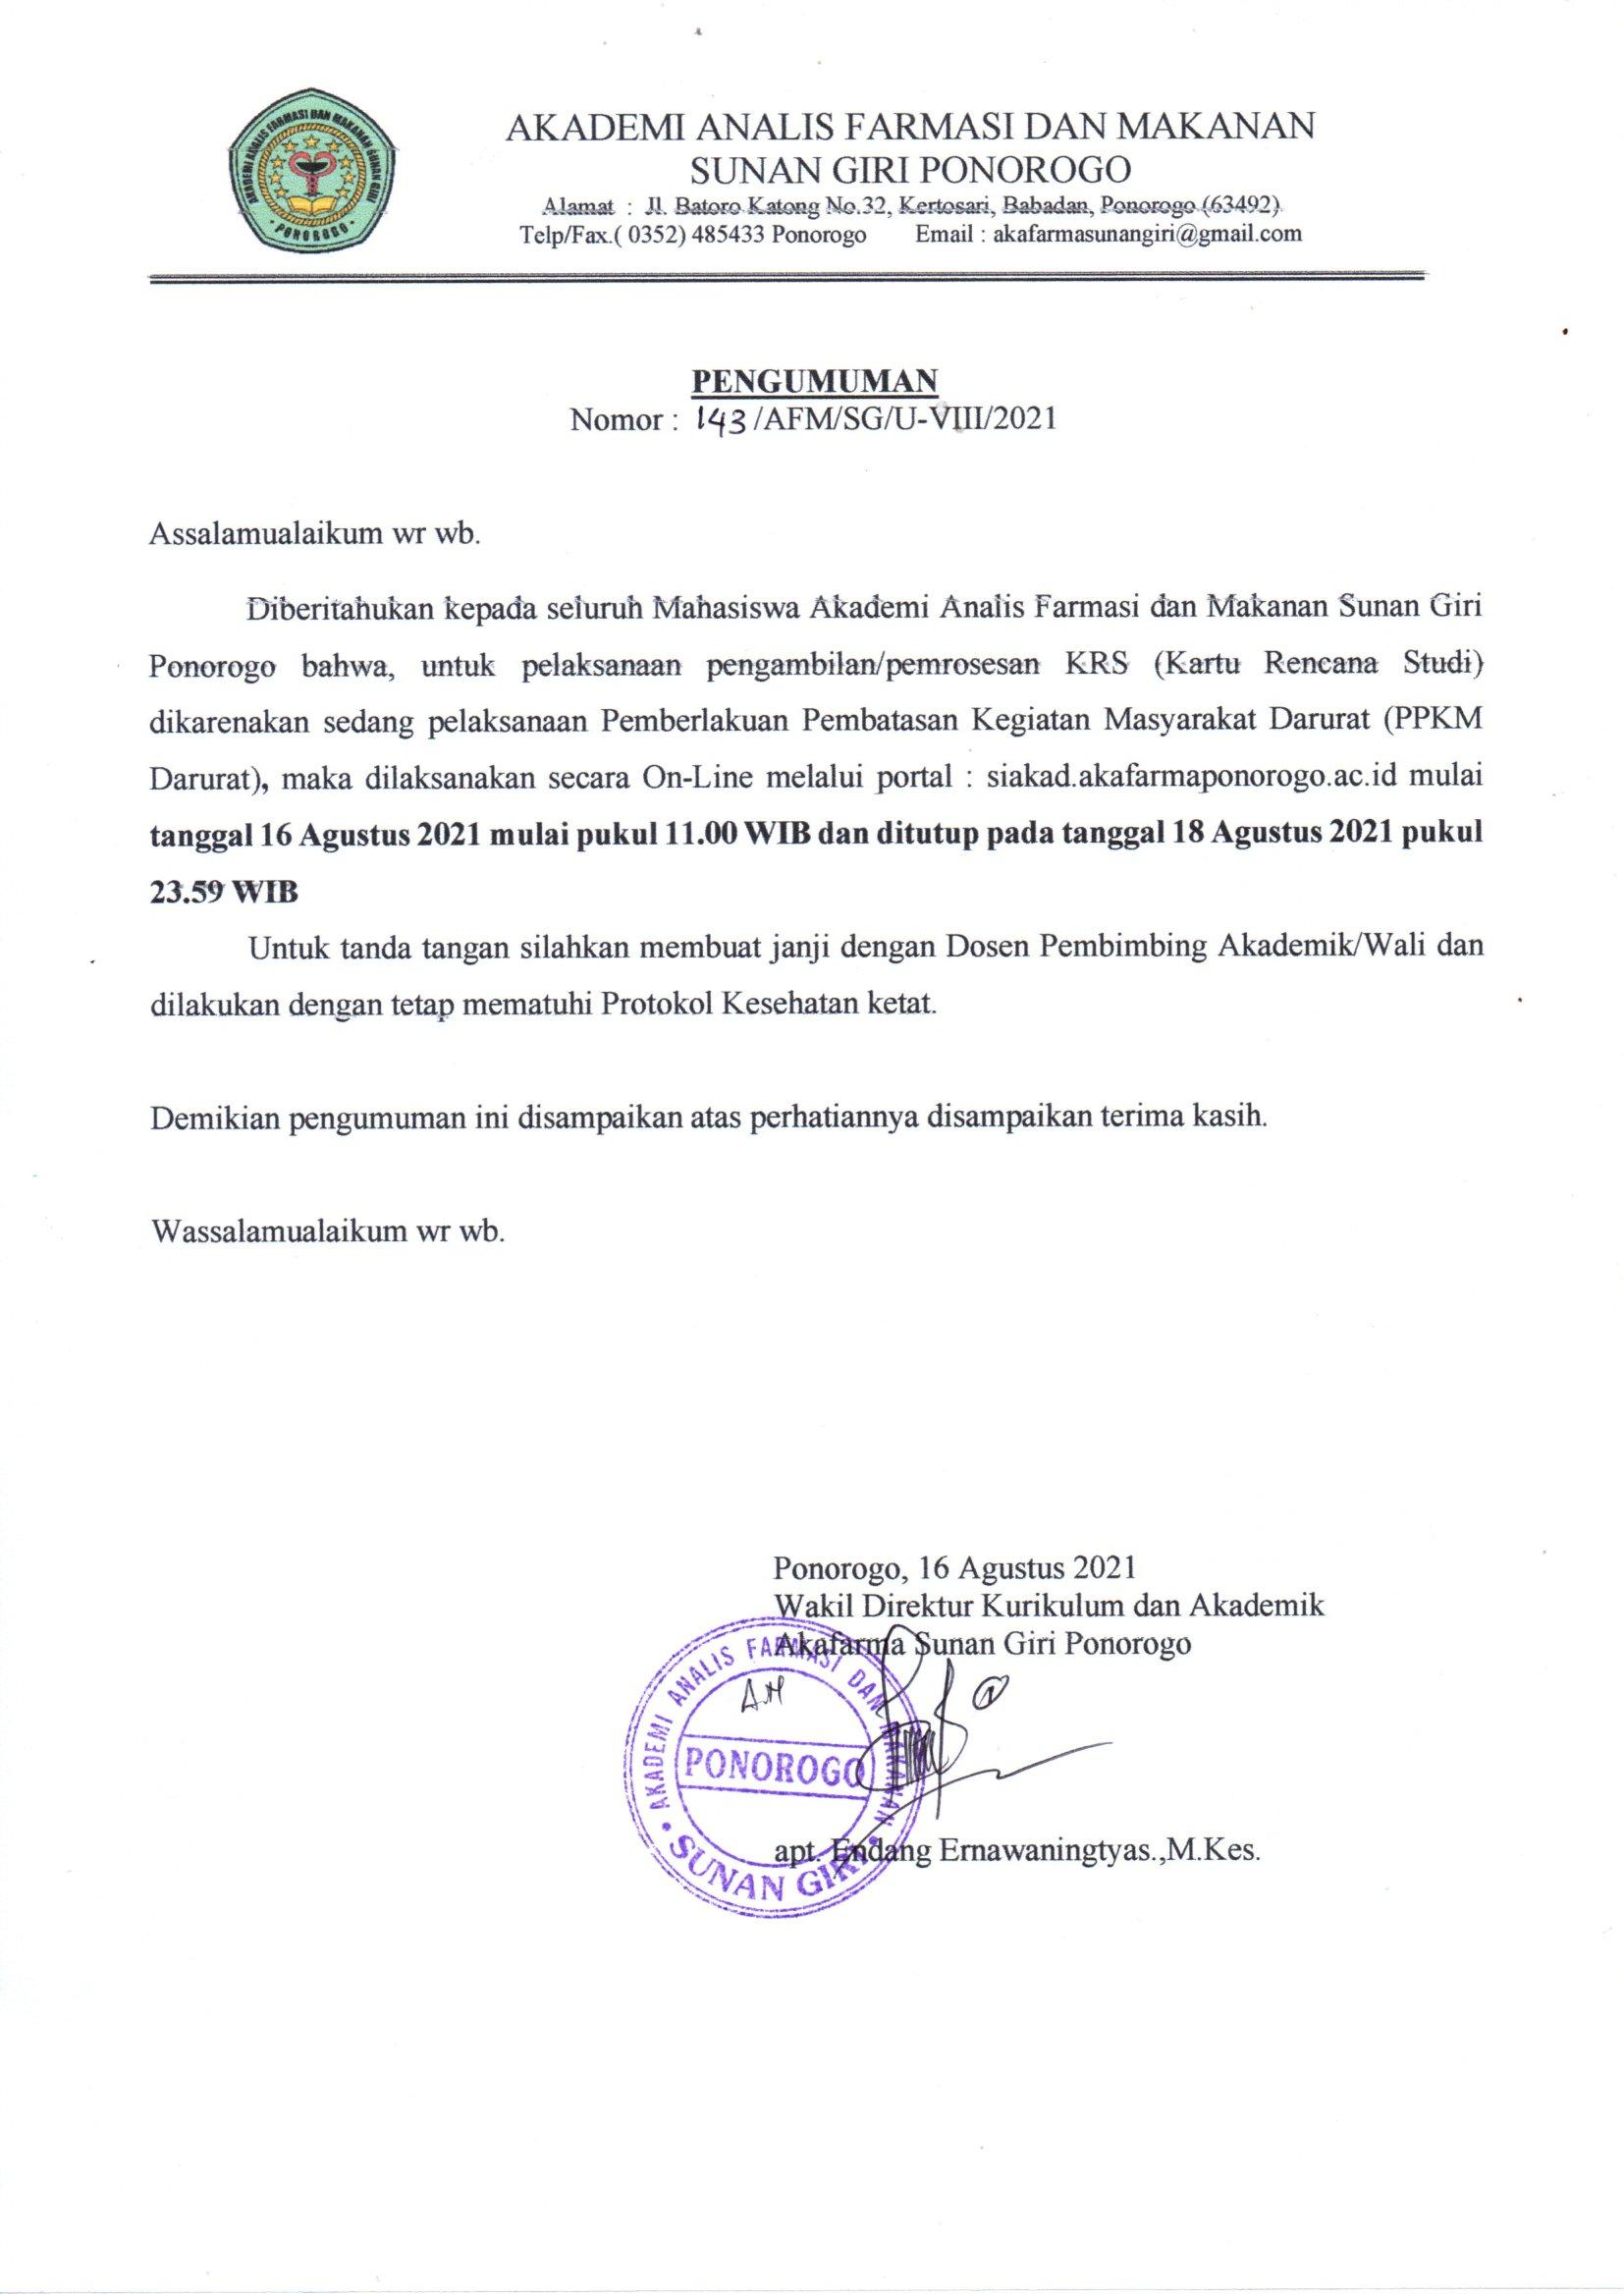 JADWAL KRS MAHASISWA SEMESTER GASAL 2021/2022